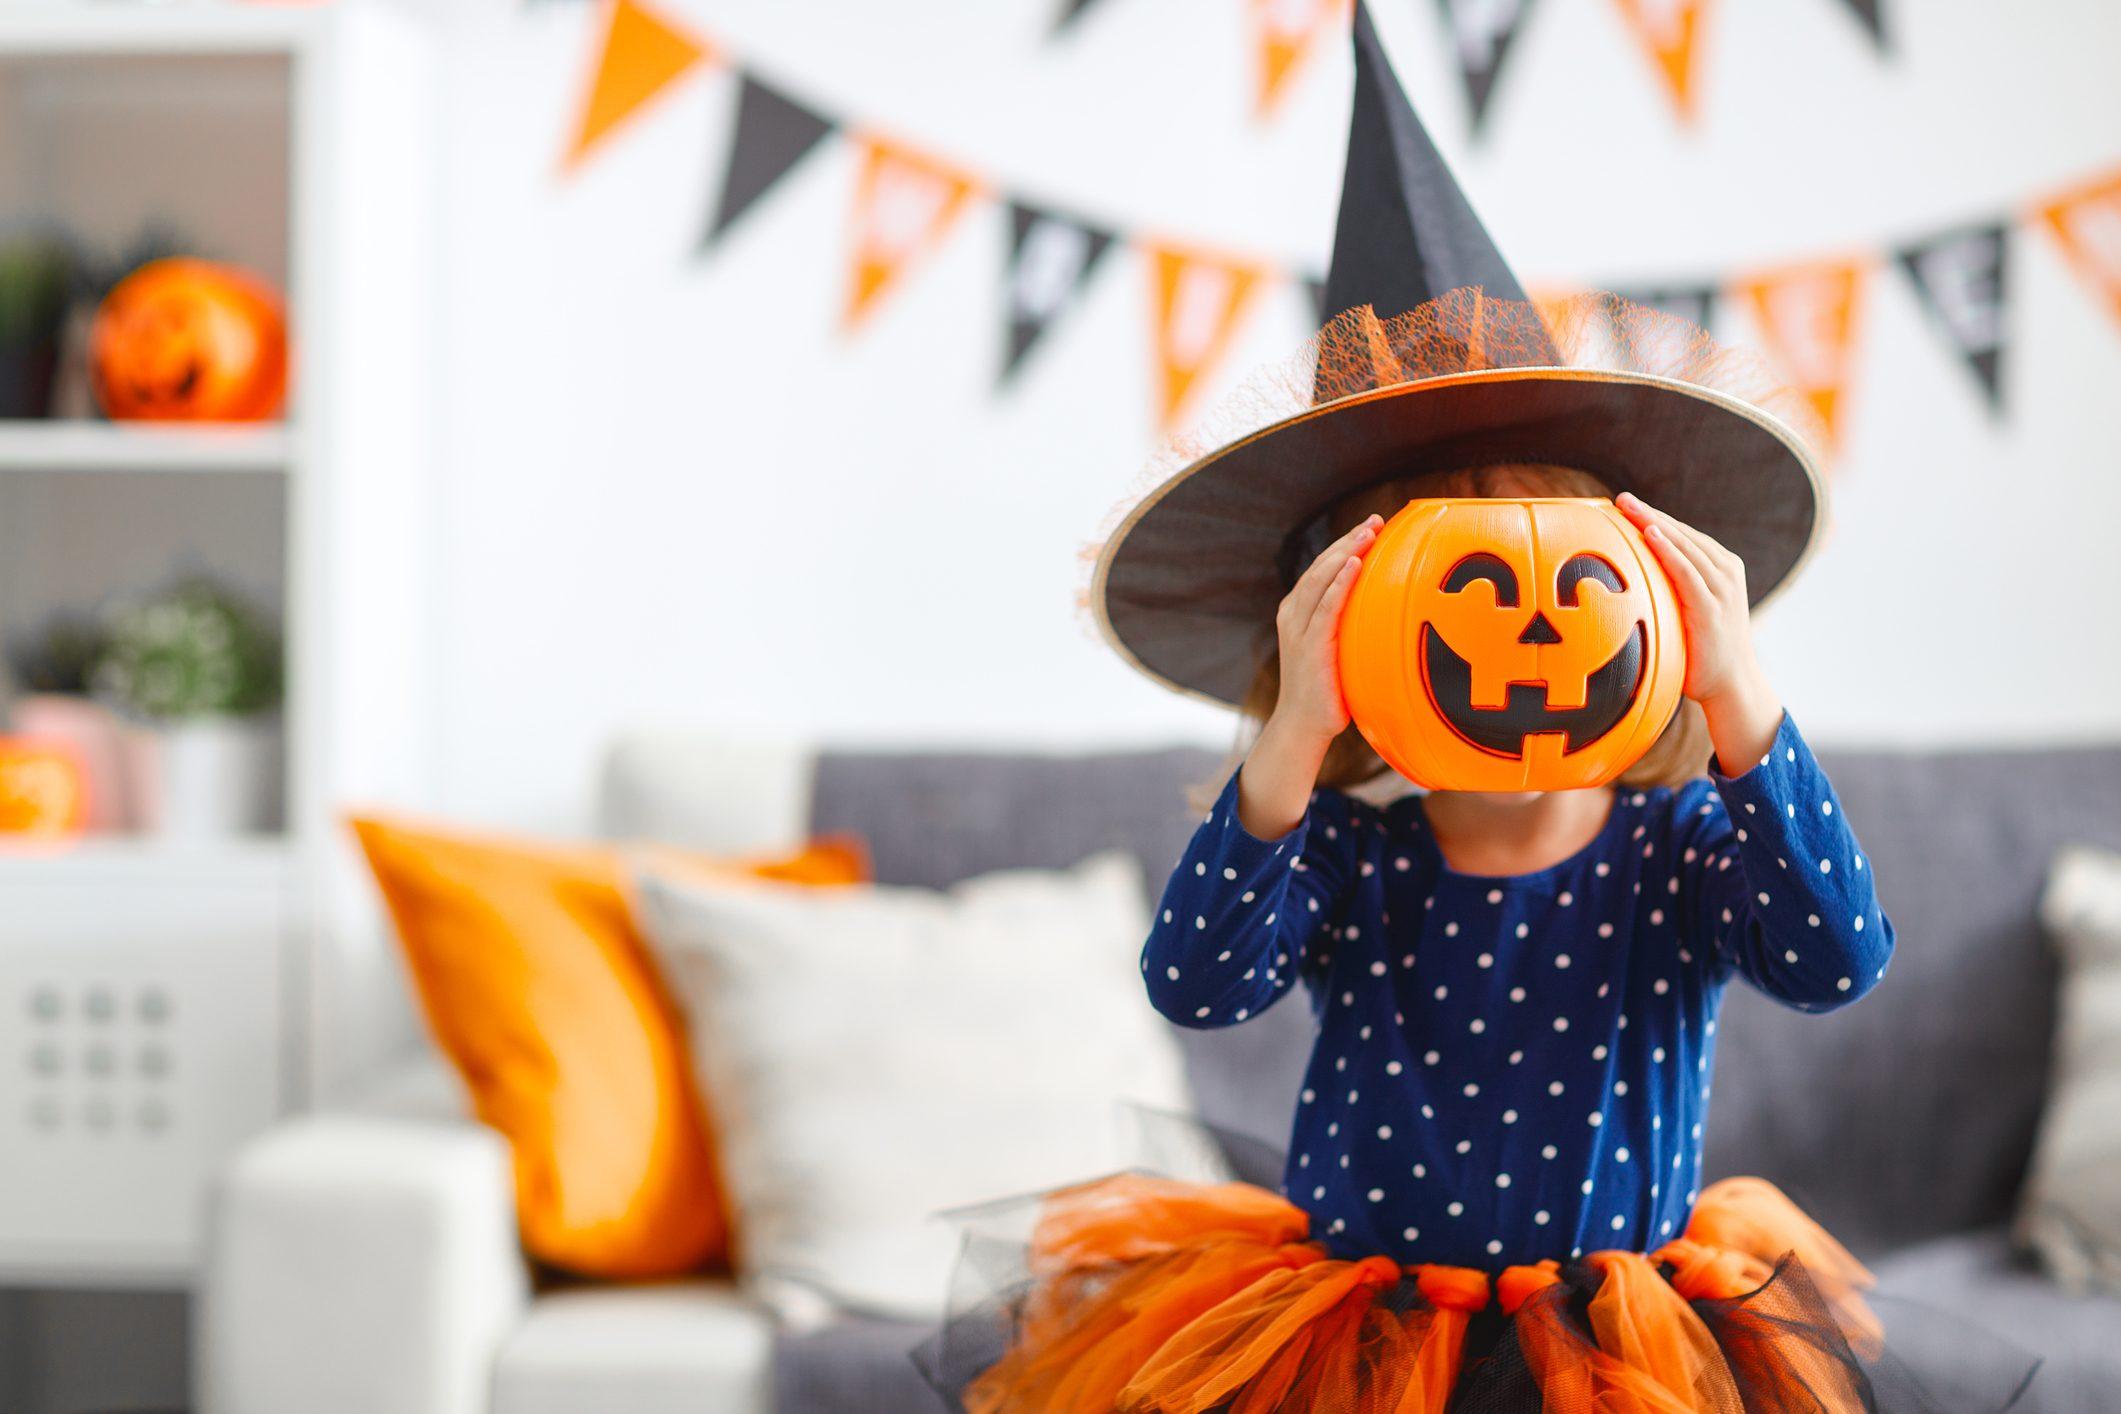 Decorazioni Tavola Halloween Fai Da Te : Le più spaventose decorazioni di halloween fai da te realizzate